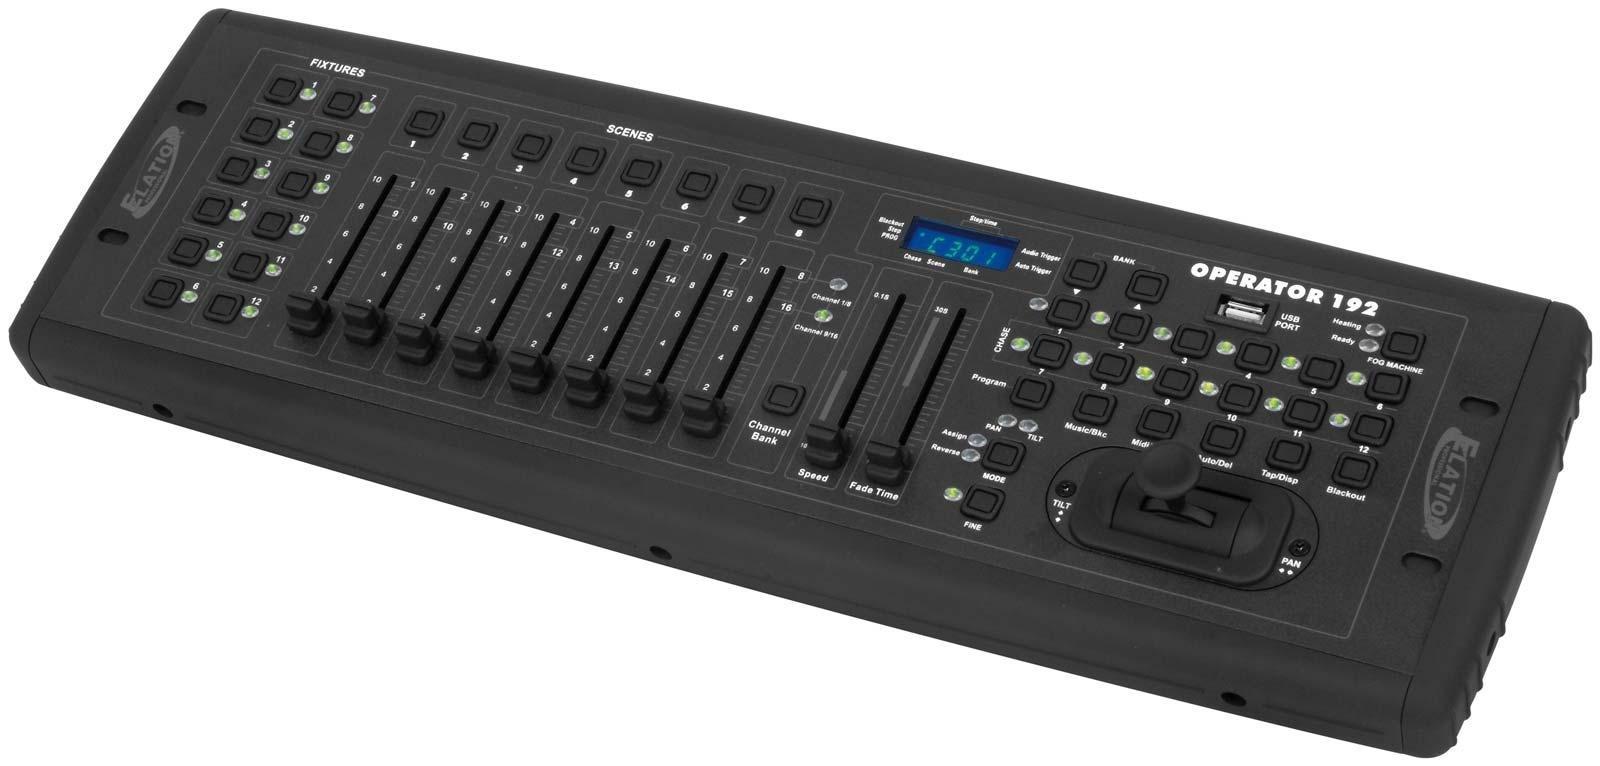 """American DJ DMX Operator I пульт управления светом DMX , 192 канала (12 приборов по 16 каналов каждый), 240 сцен, 6 чейзов, возможность встраивания в РЭК-19"""" ,встроенный микрофон, совместим с MIDI-стандартом, ЖК-дисплей, Габариты: 133х483х64 мм. Вес: 2,3"""